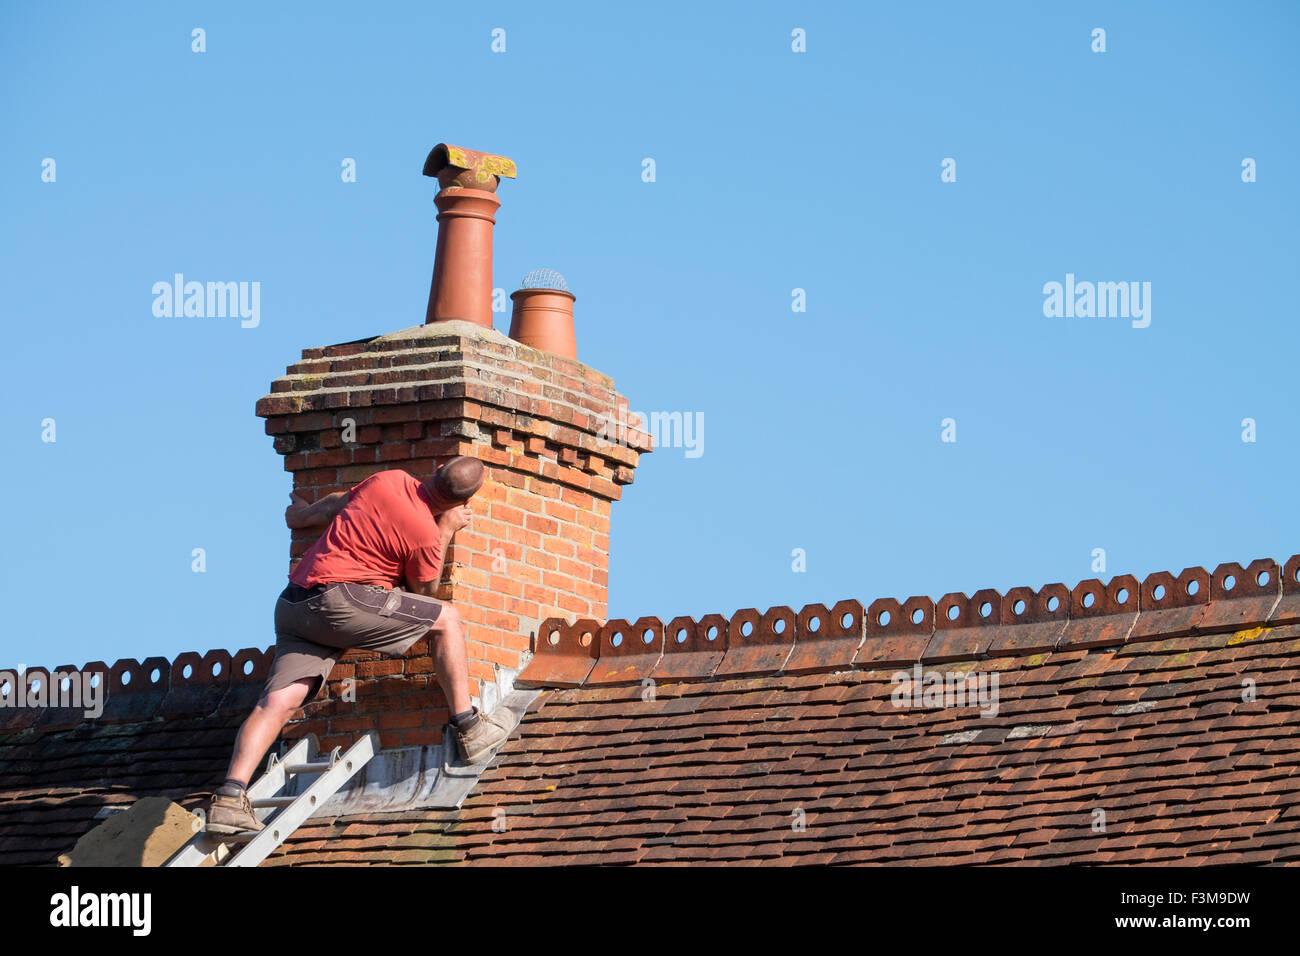 Un hombre en un techo de inspeccionar una chimenea para la reparación Imagen De Stock